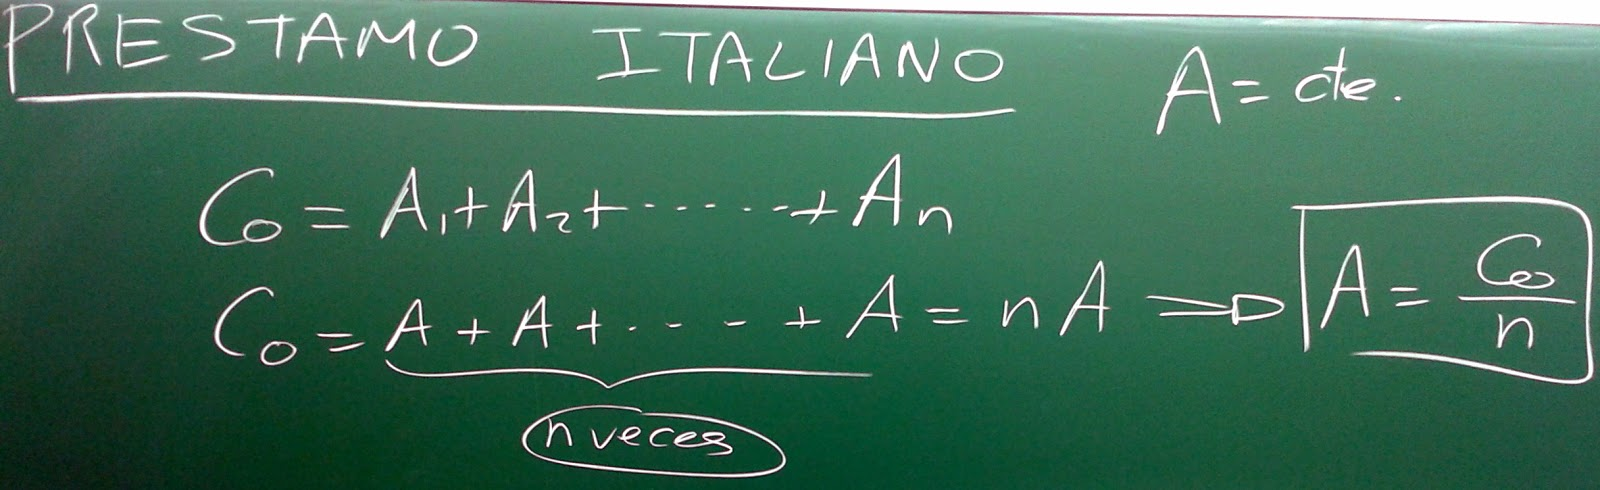 masterfinanciero es préstamo italiano